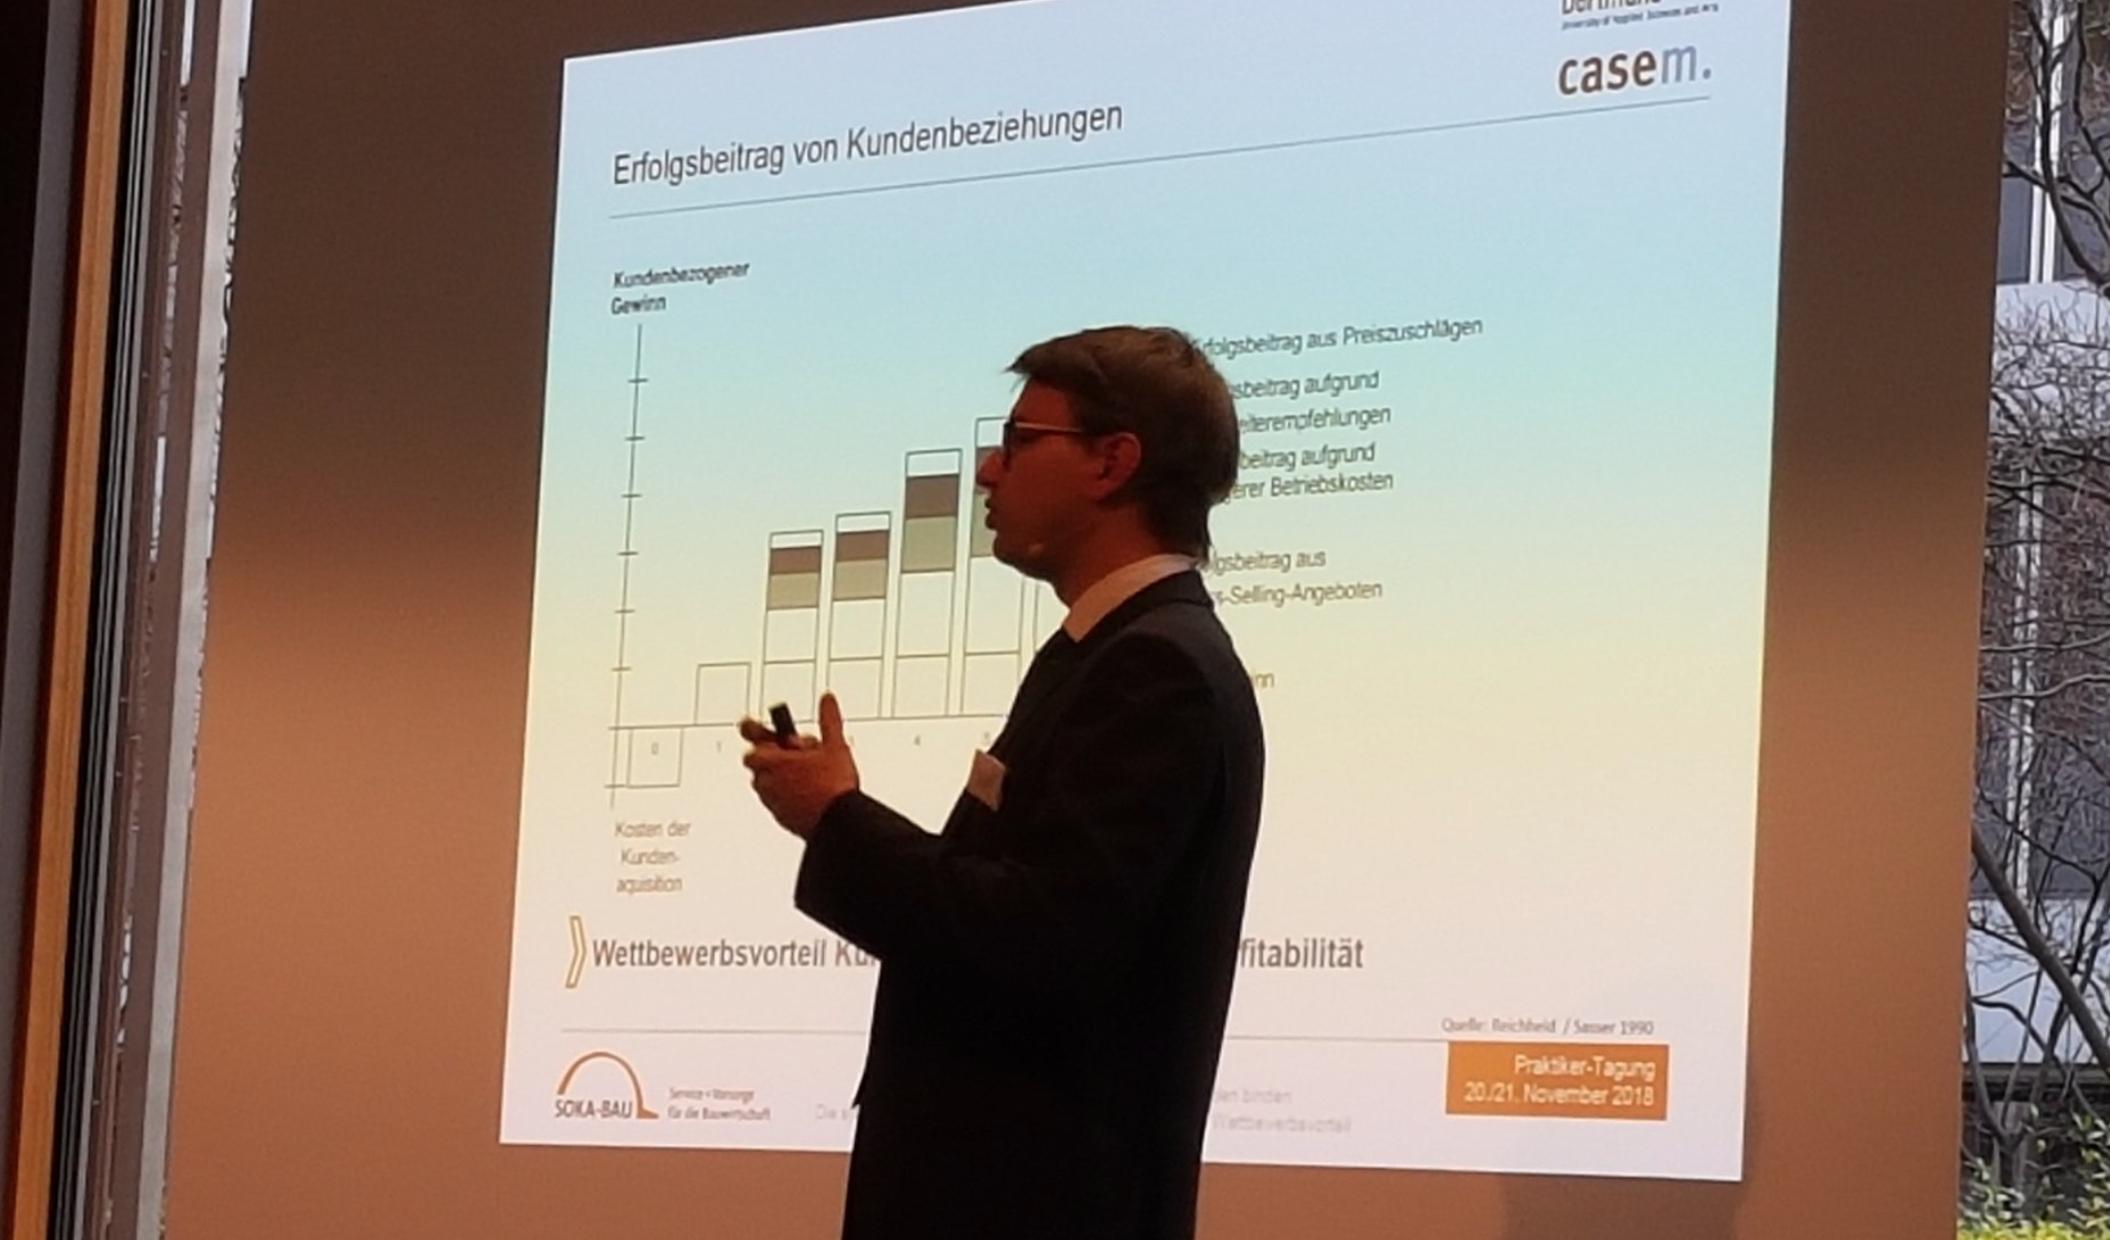 """""""Kunden finden – Kunden binden"""" – Praktikertagung der deutschen Bauwirtschaft am 20./21. November in Wiesbaden"""